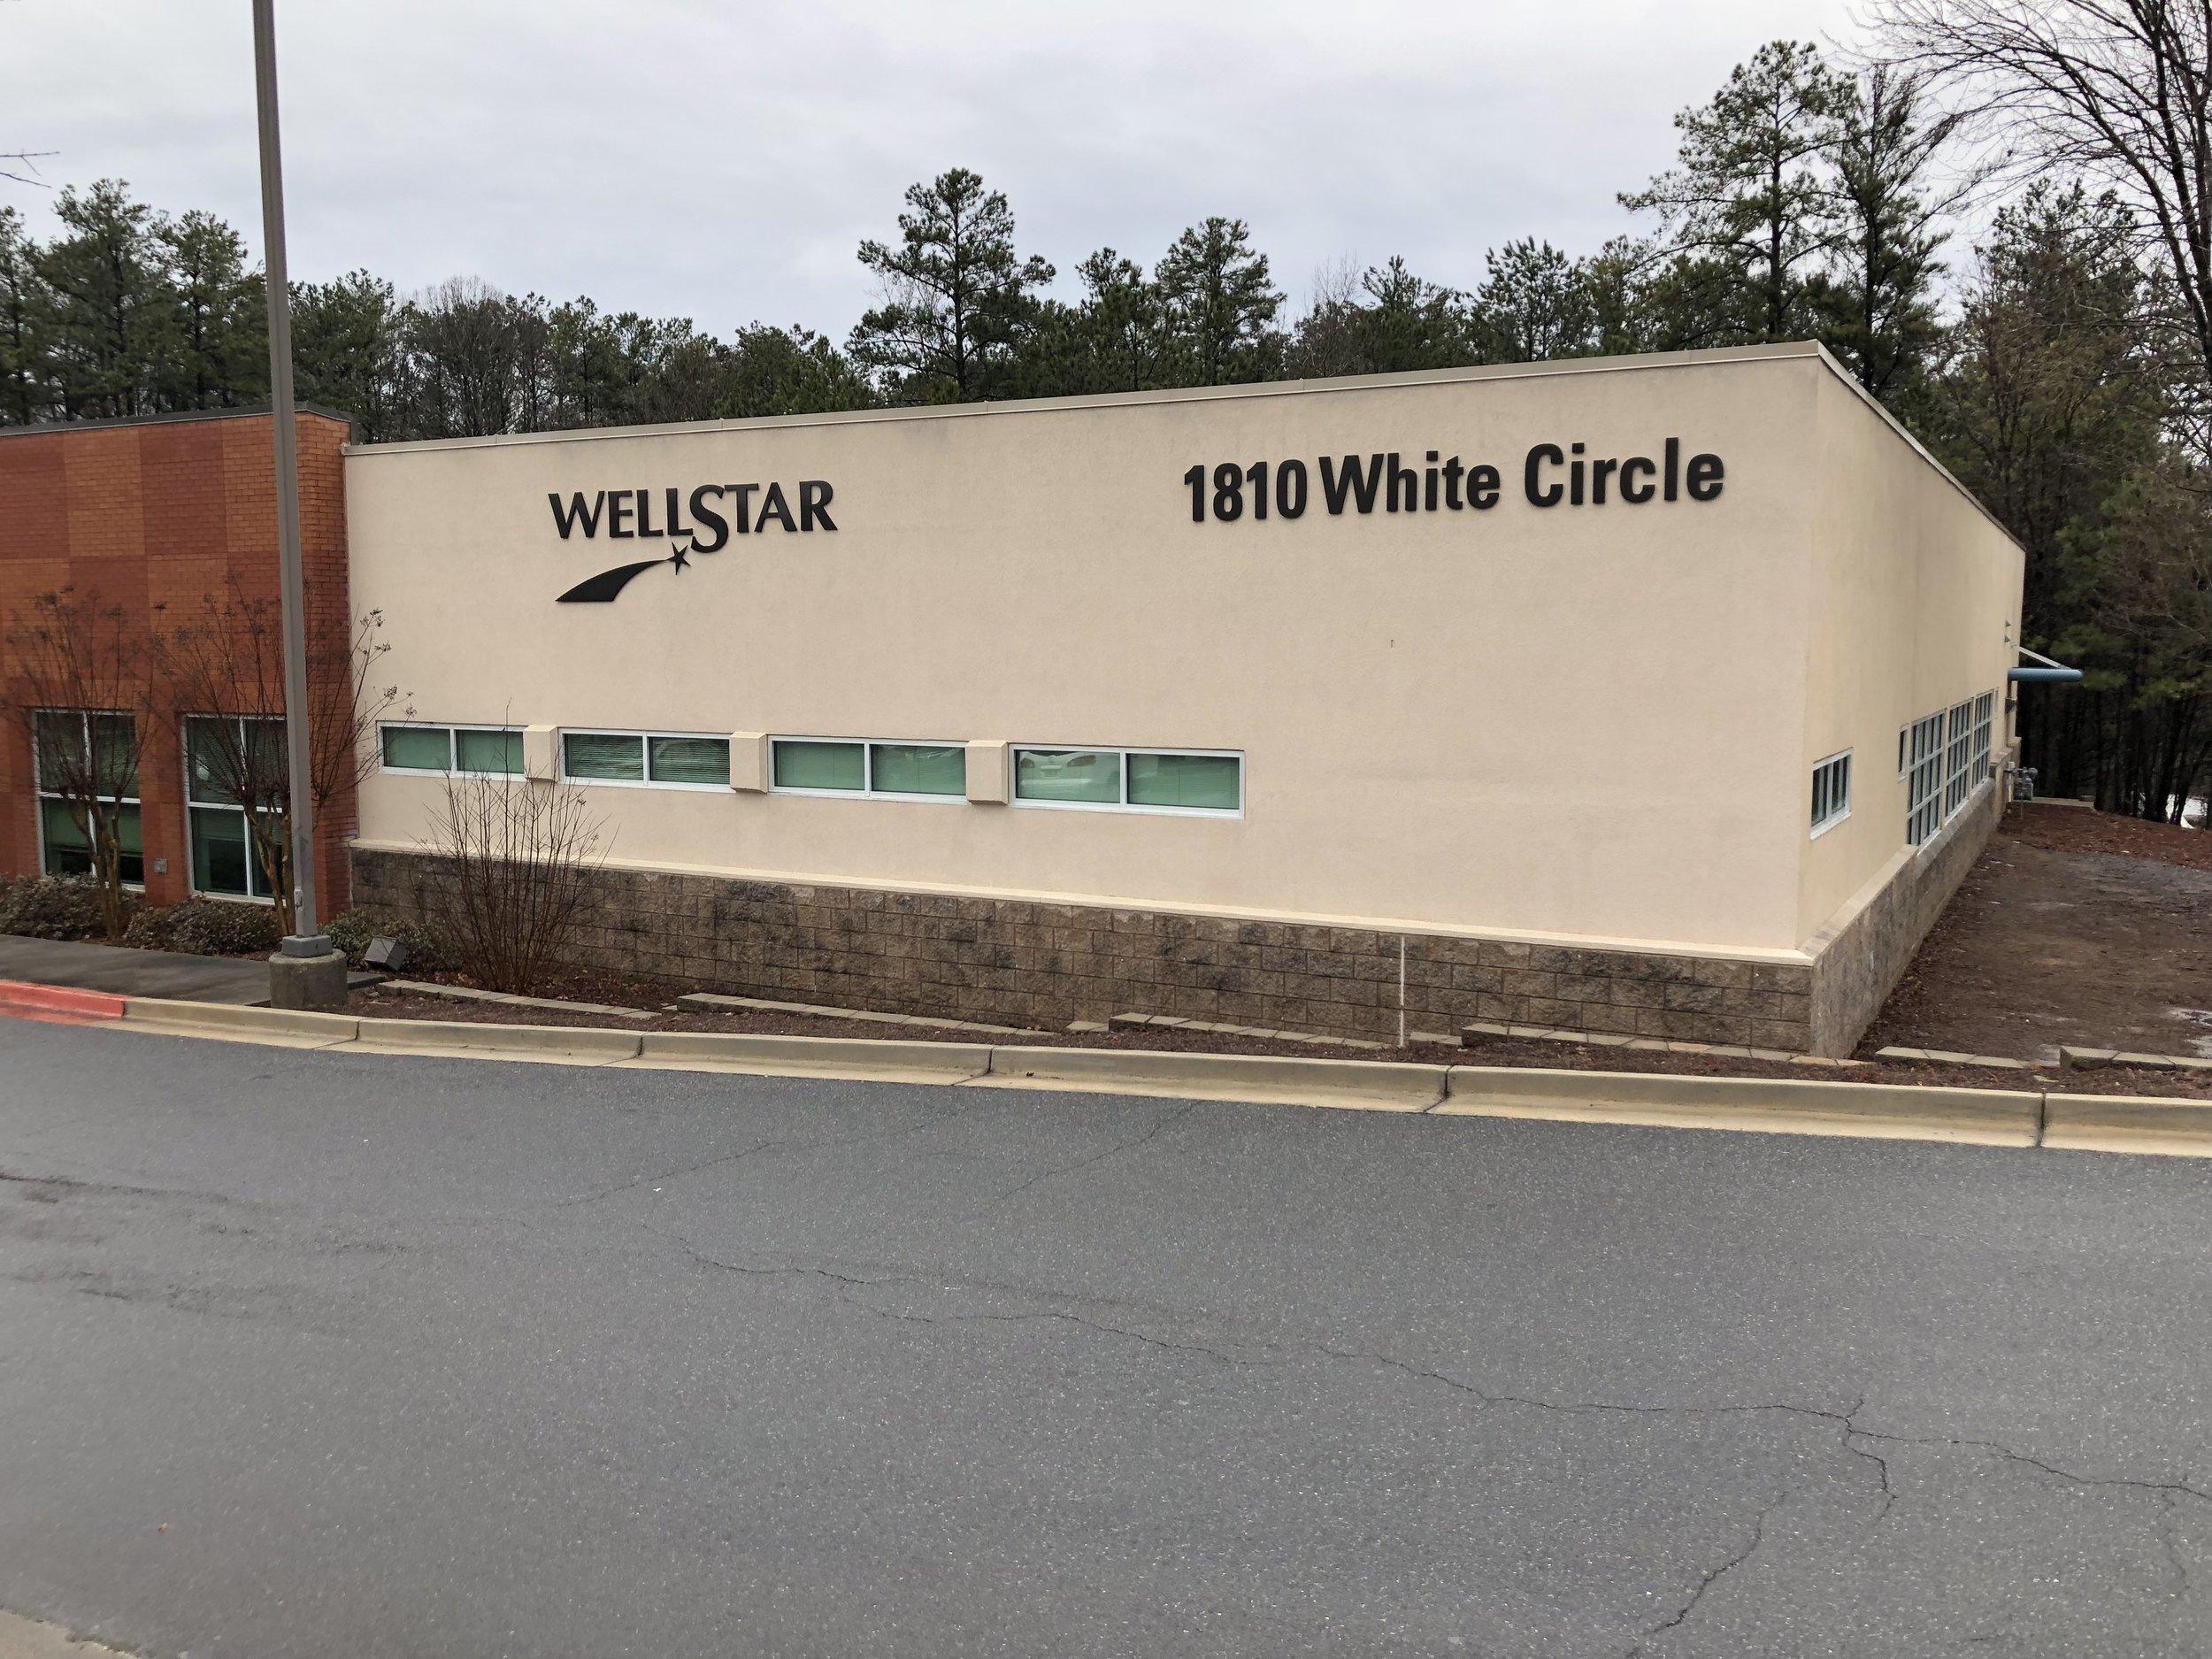 WellStar Renovation